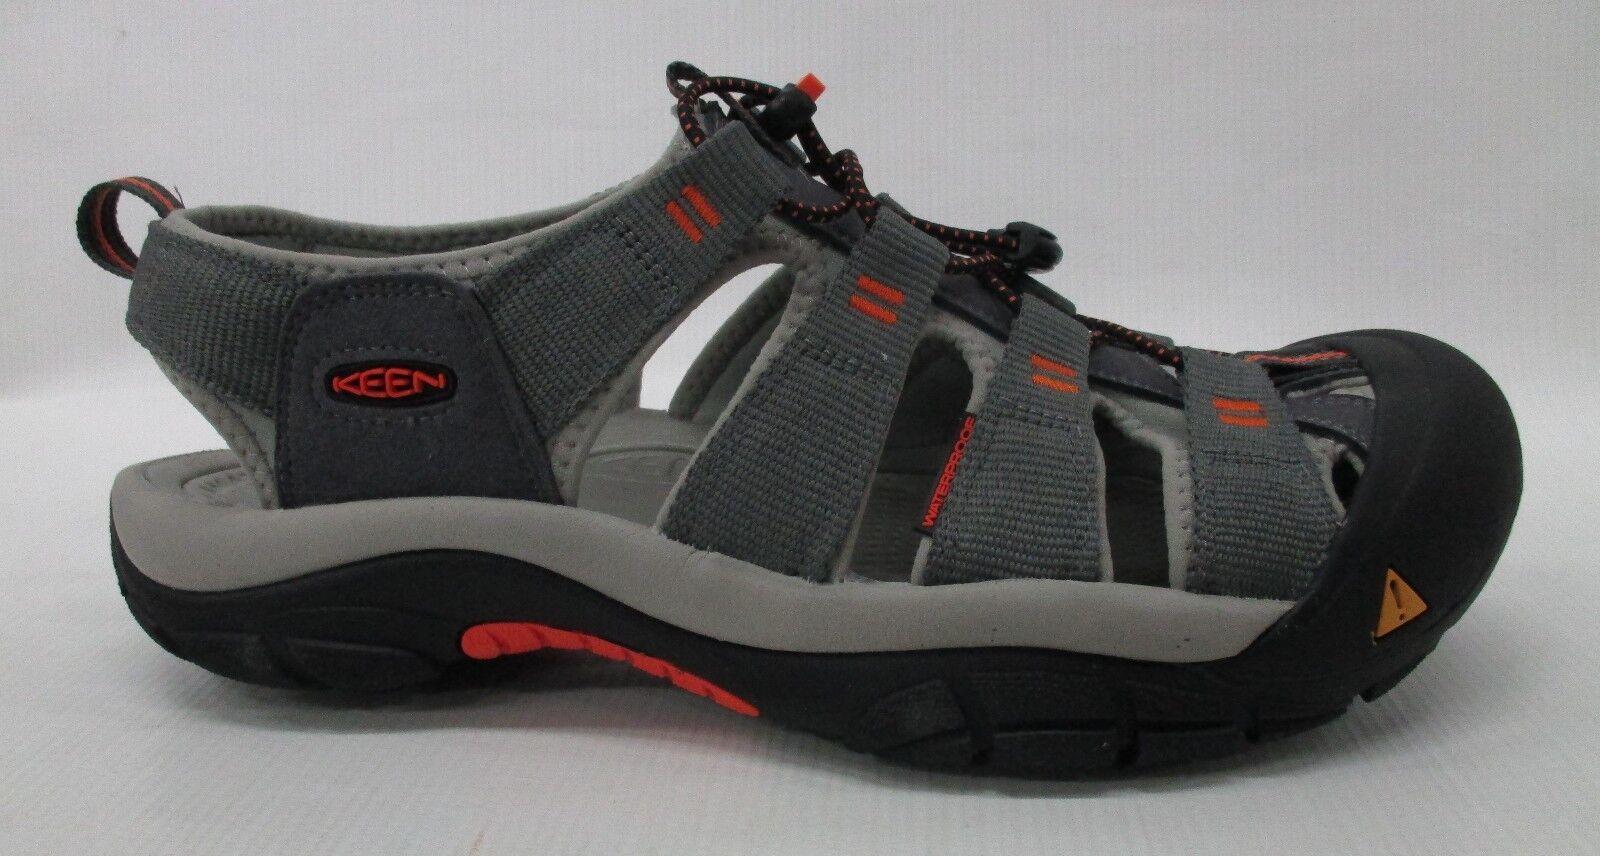 Sandali e scarpe per il mare da uomo Keen uomos Newport H2 1016287 Magnet/Nasturtium Size 10.5